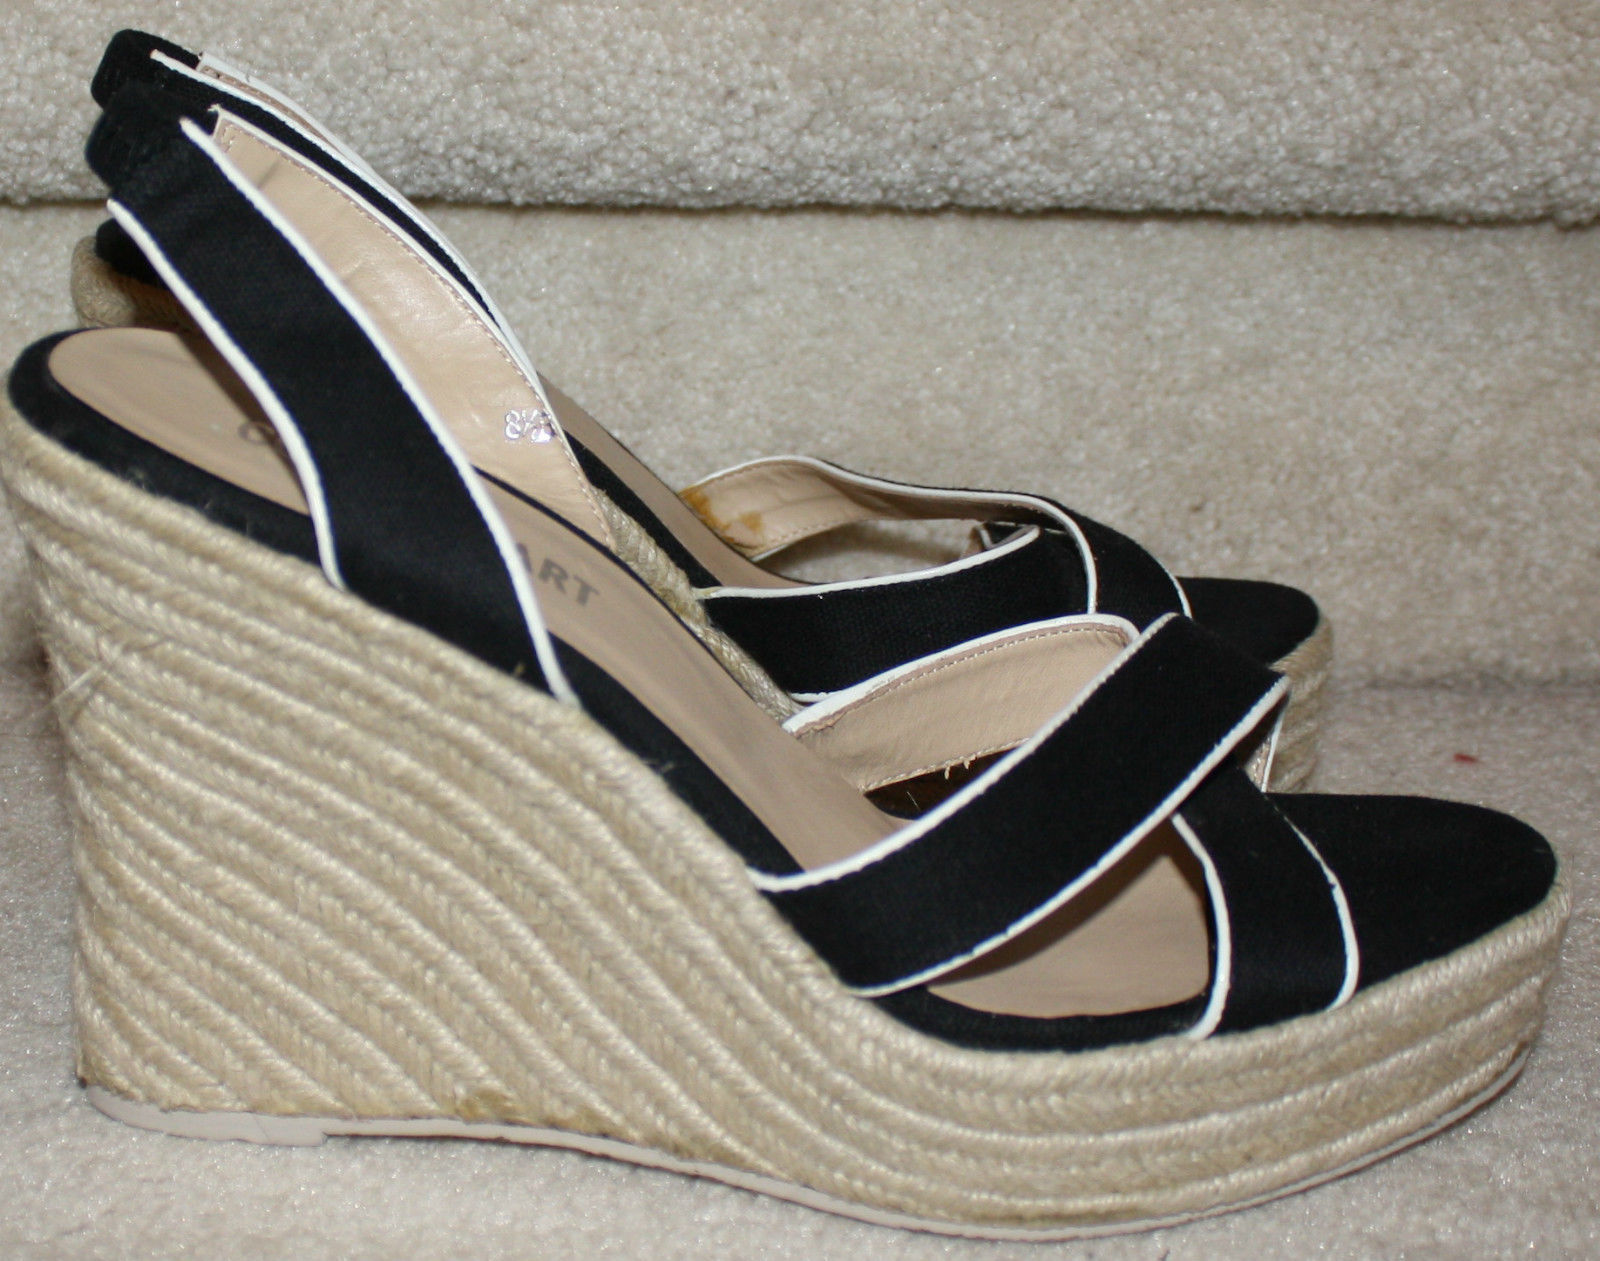 9b284acd26c88d 57. 57. Previous. Victoria s Secret Colin Stuart Black Wedge Strappy Sandal  Platform 234646 8.5M · Victoria s Secret ...